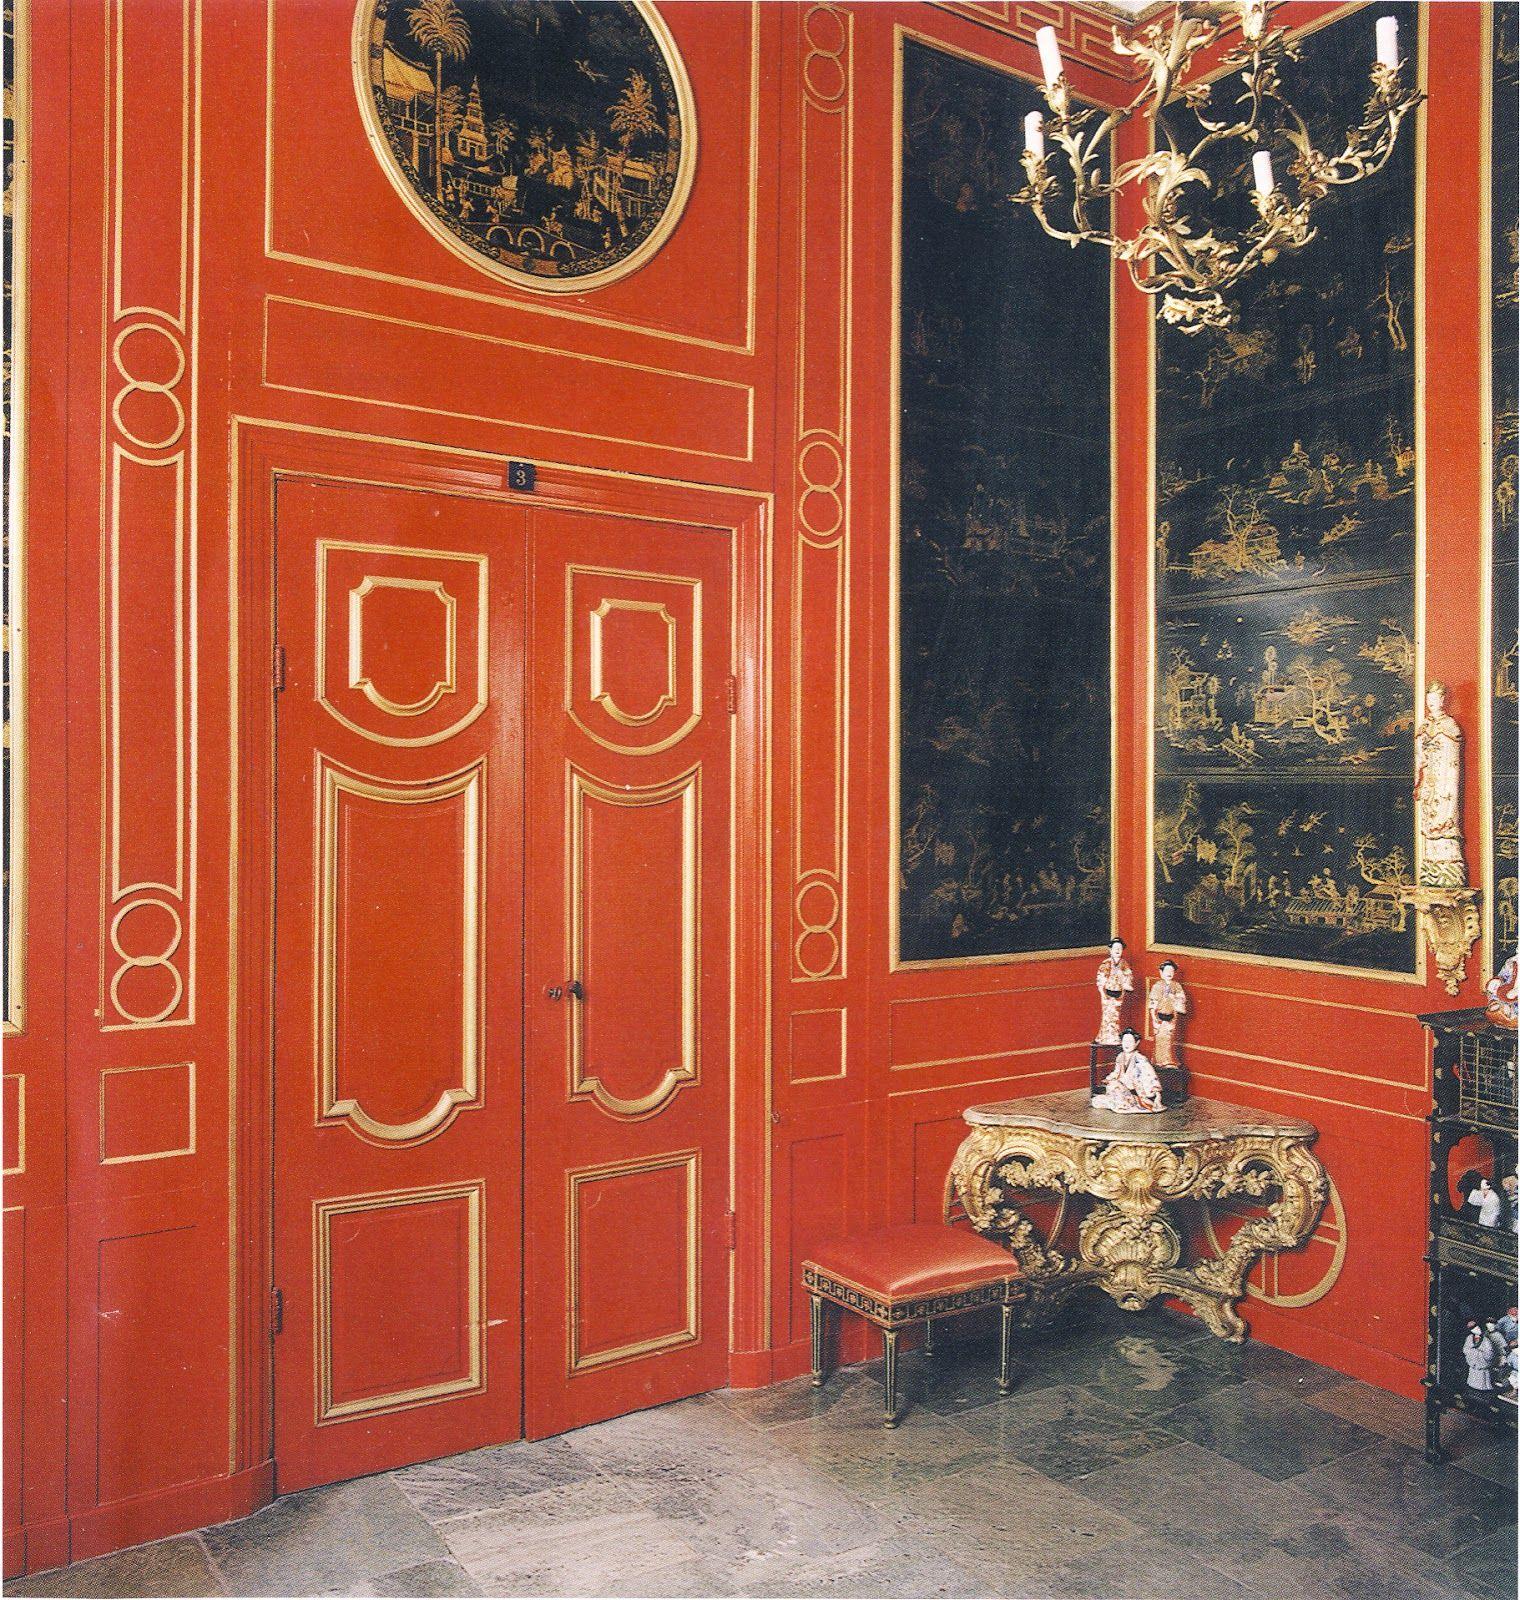 Chinese Pavilion at Drottningholm Palace, Sweden. Ladies Abroad: Kina slott vid Drottningsholm